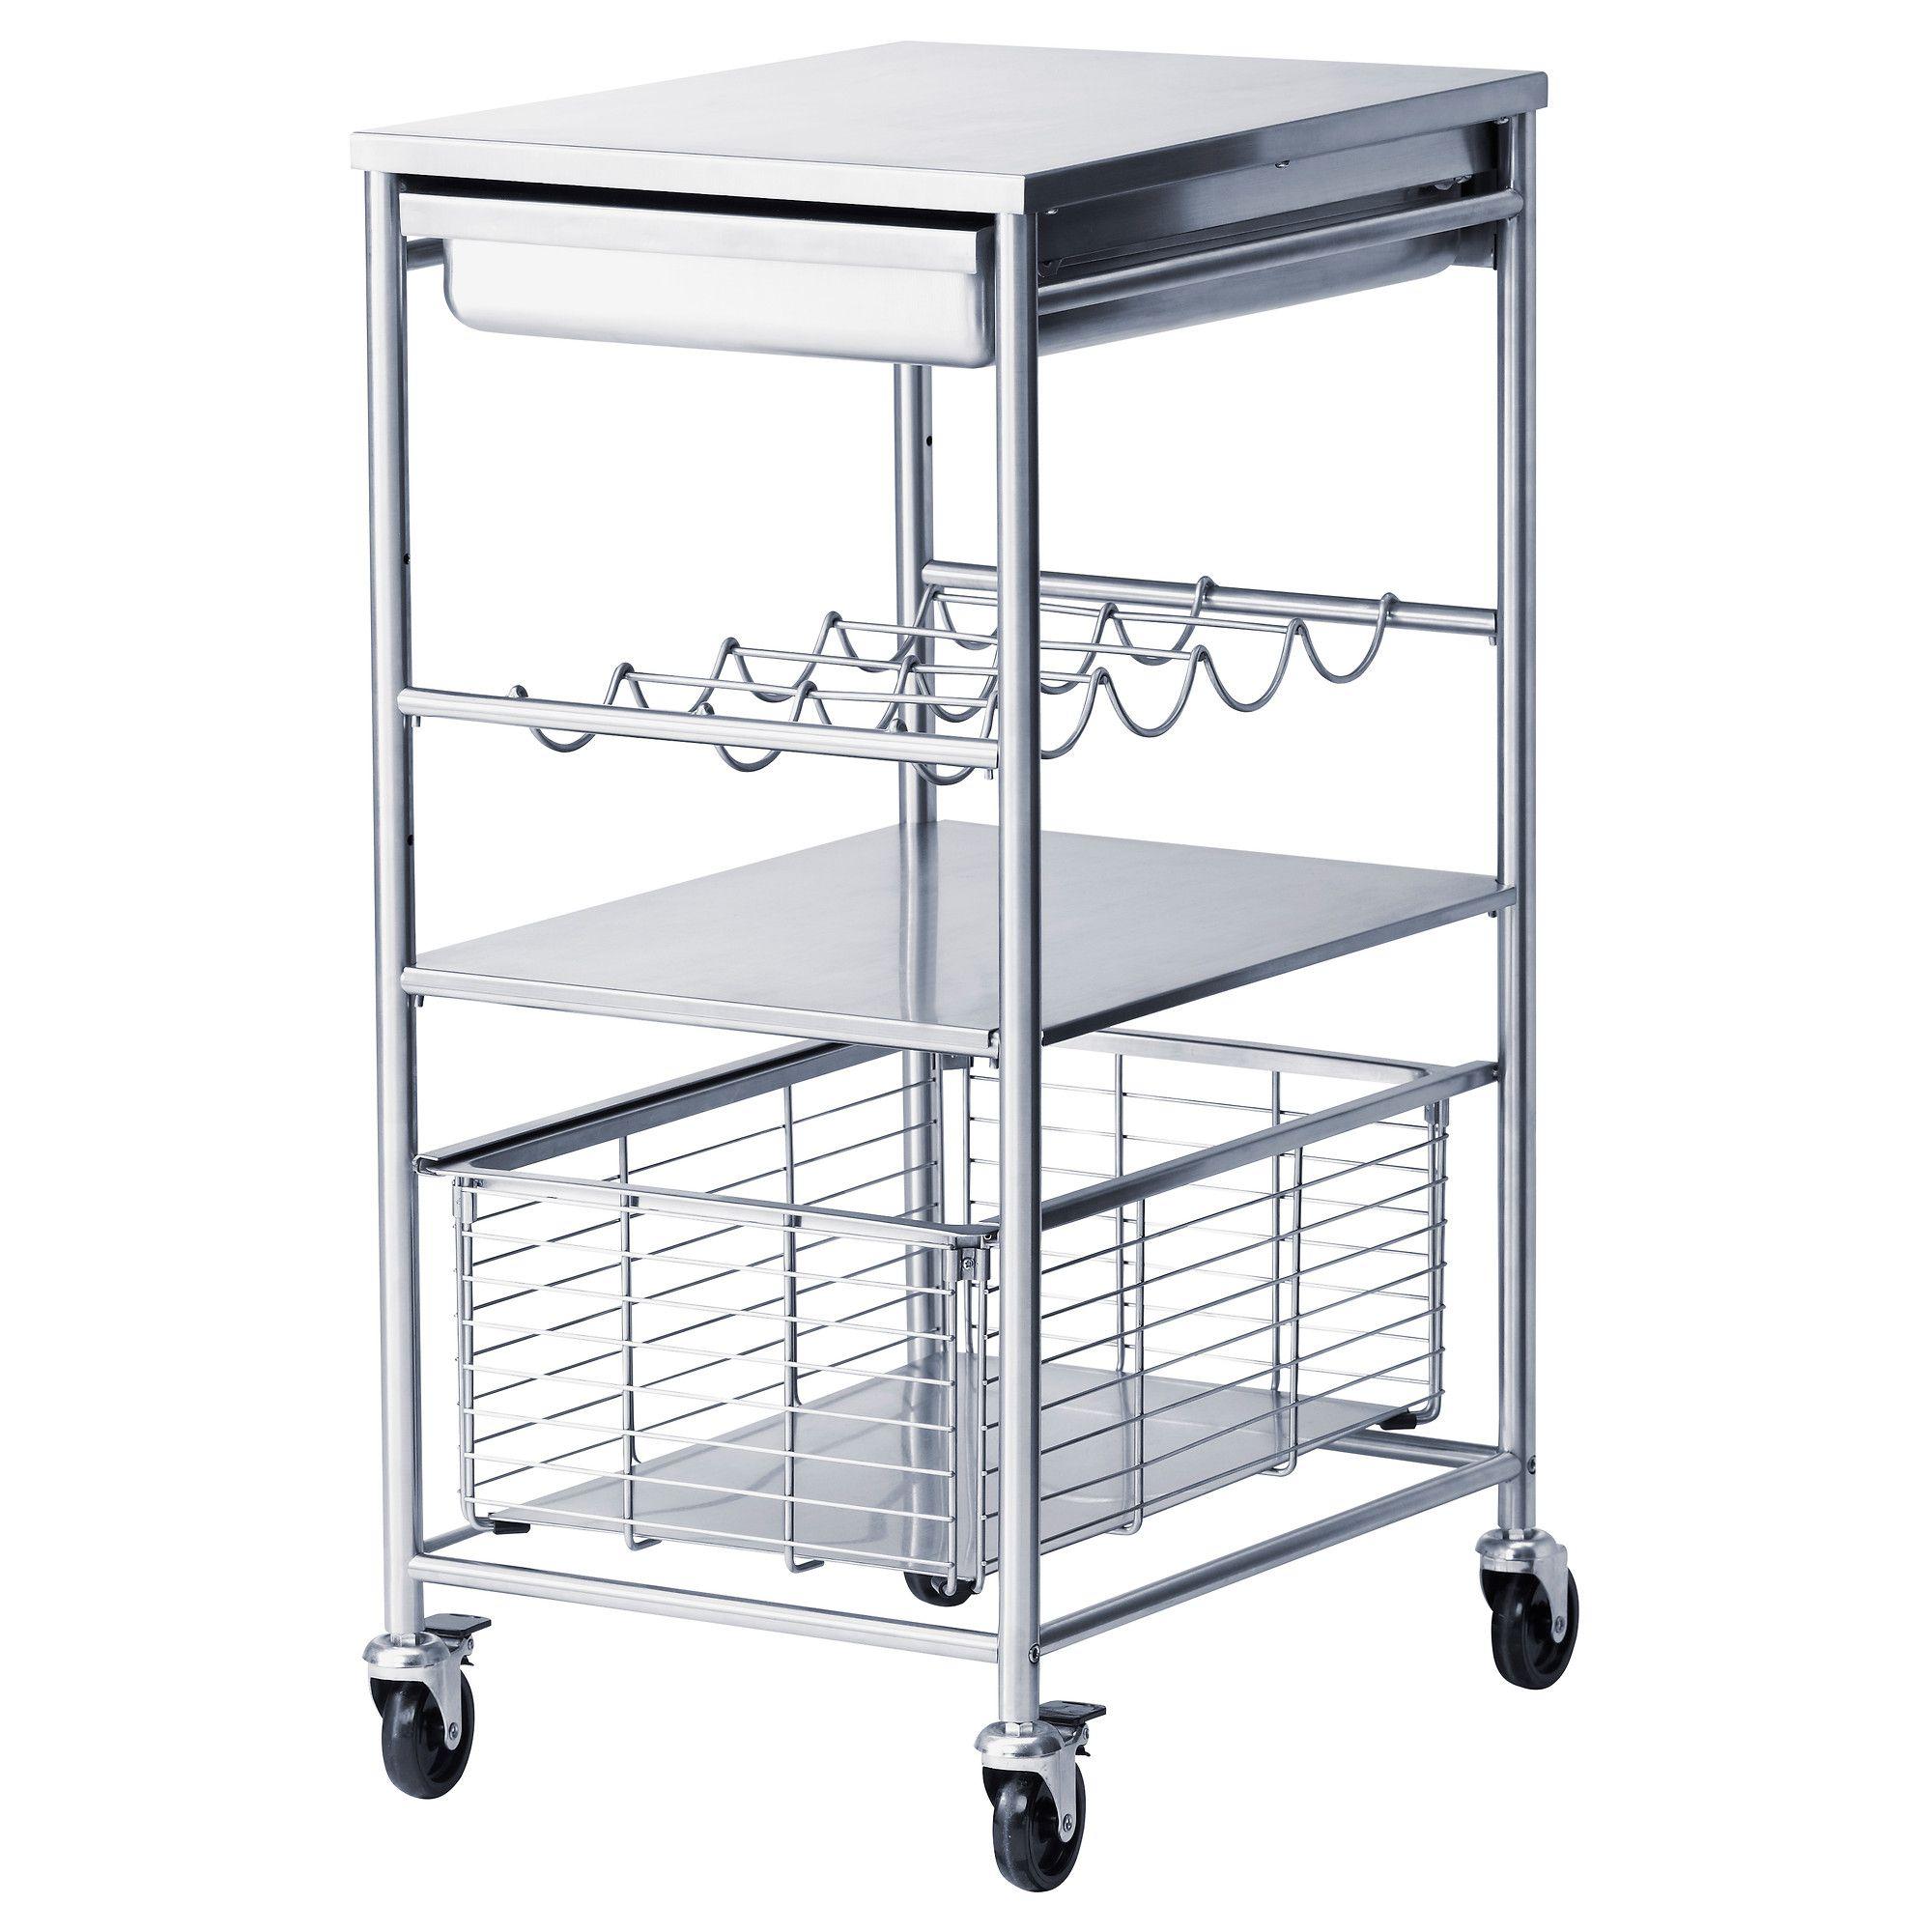 Ikea Kitchen Island Stainless Steel grundtal tarjoiluvaunu/apupöytä, ruostumaton teräs | kitchen carts